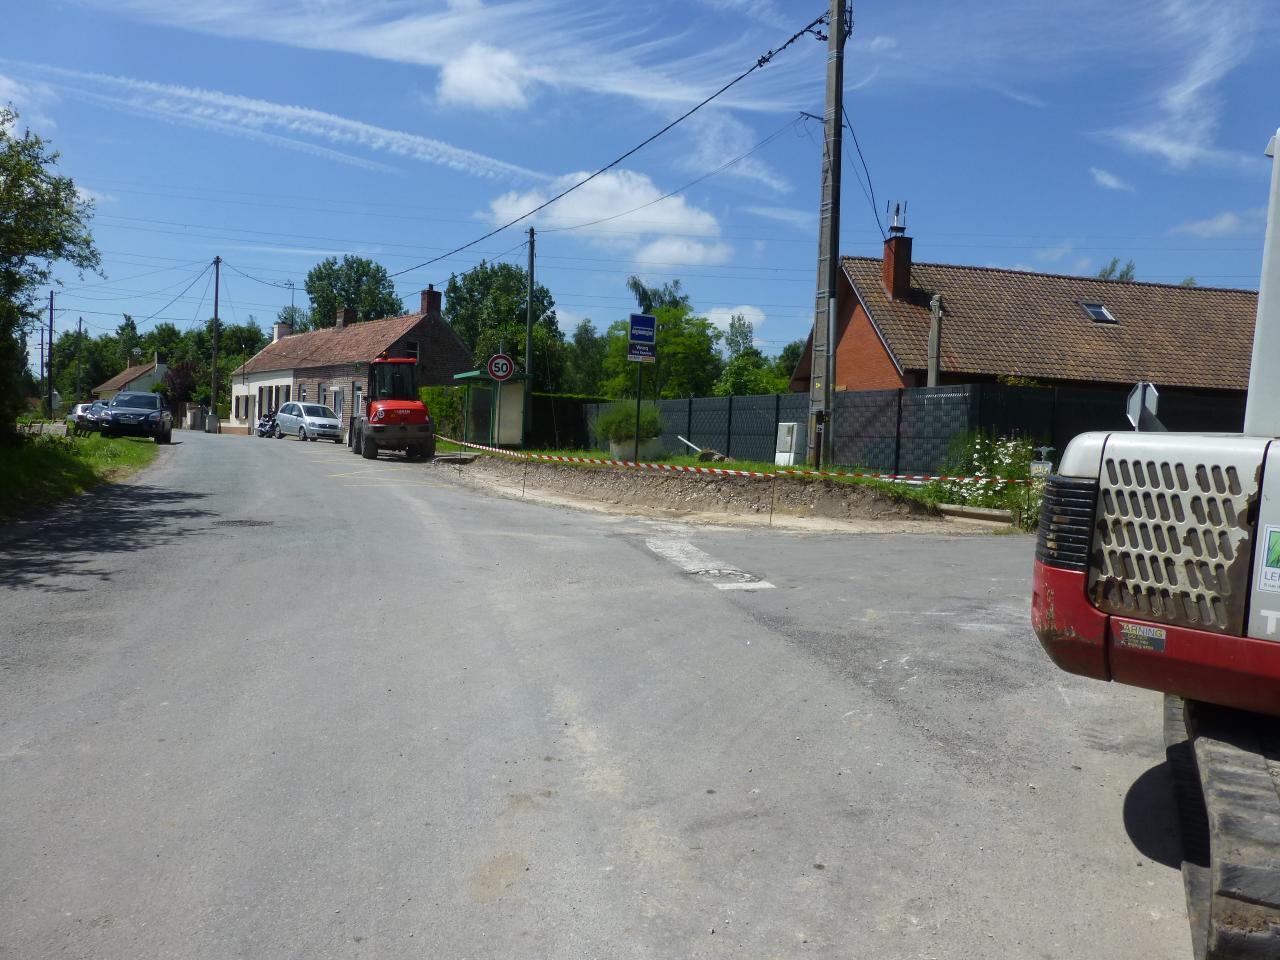 Rue de vincq phase 2 (3)